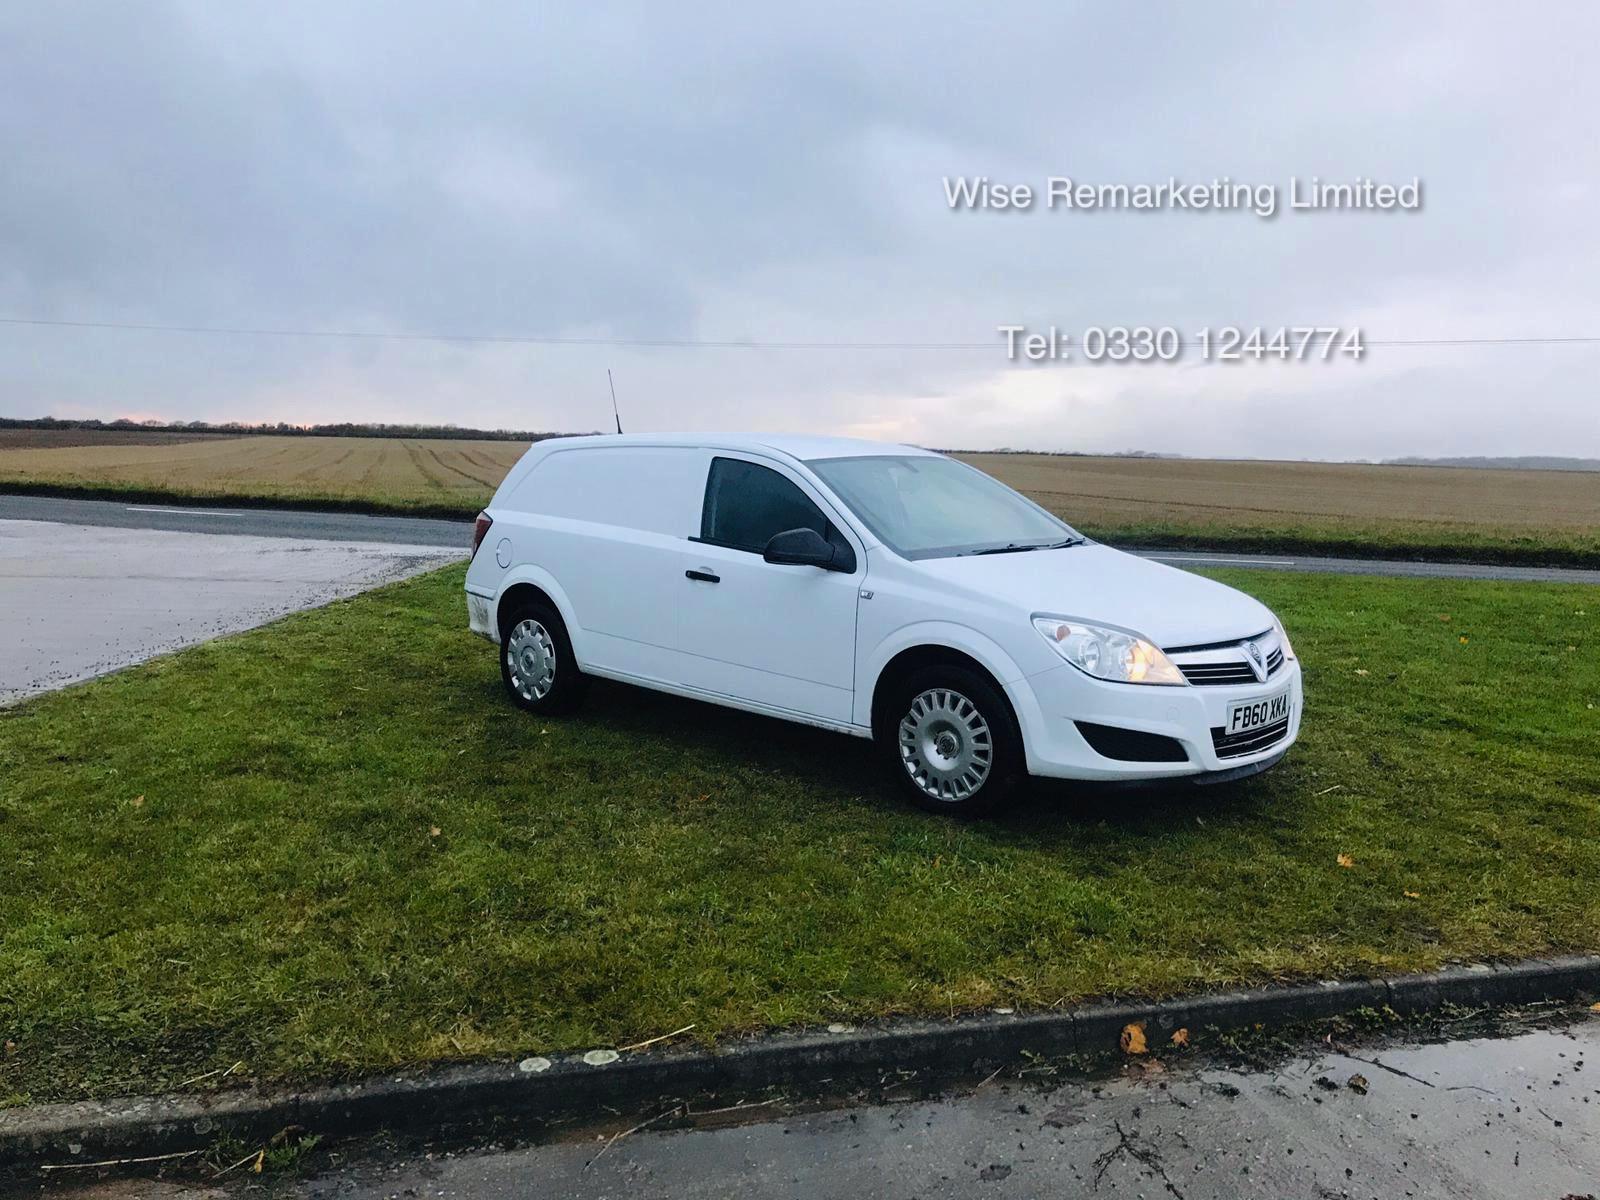 Vauxhall Astra Van 1.3 CDTi - 2011 Model - 5 Seater Crew Van - SAVE 20% NO VAT - Image 4 of 15